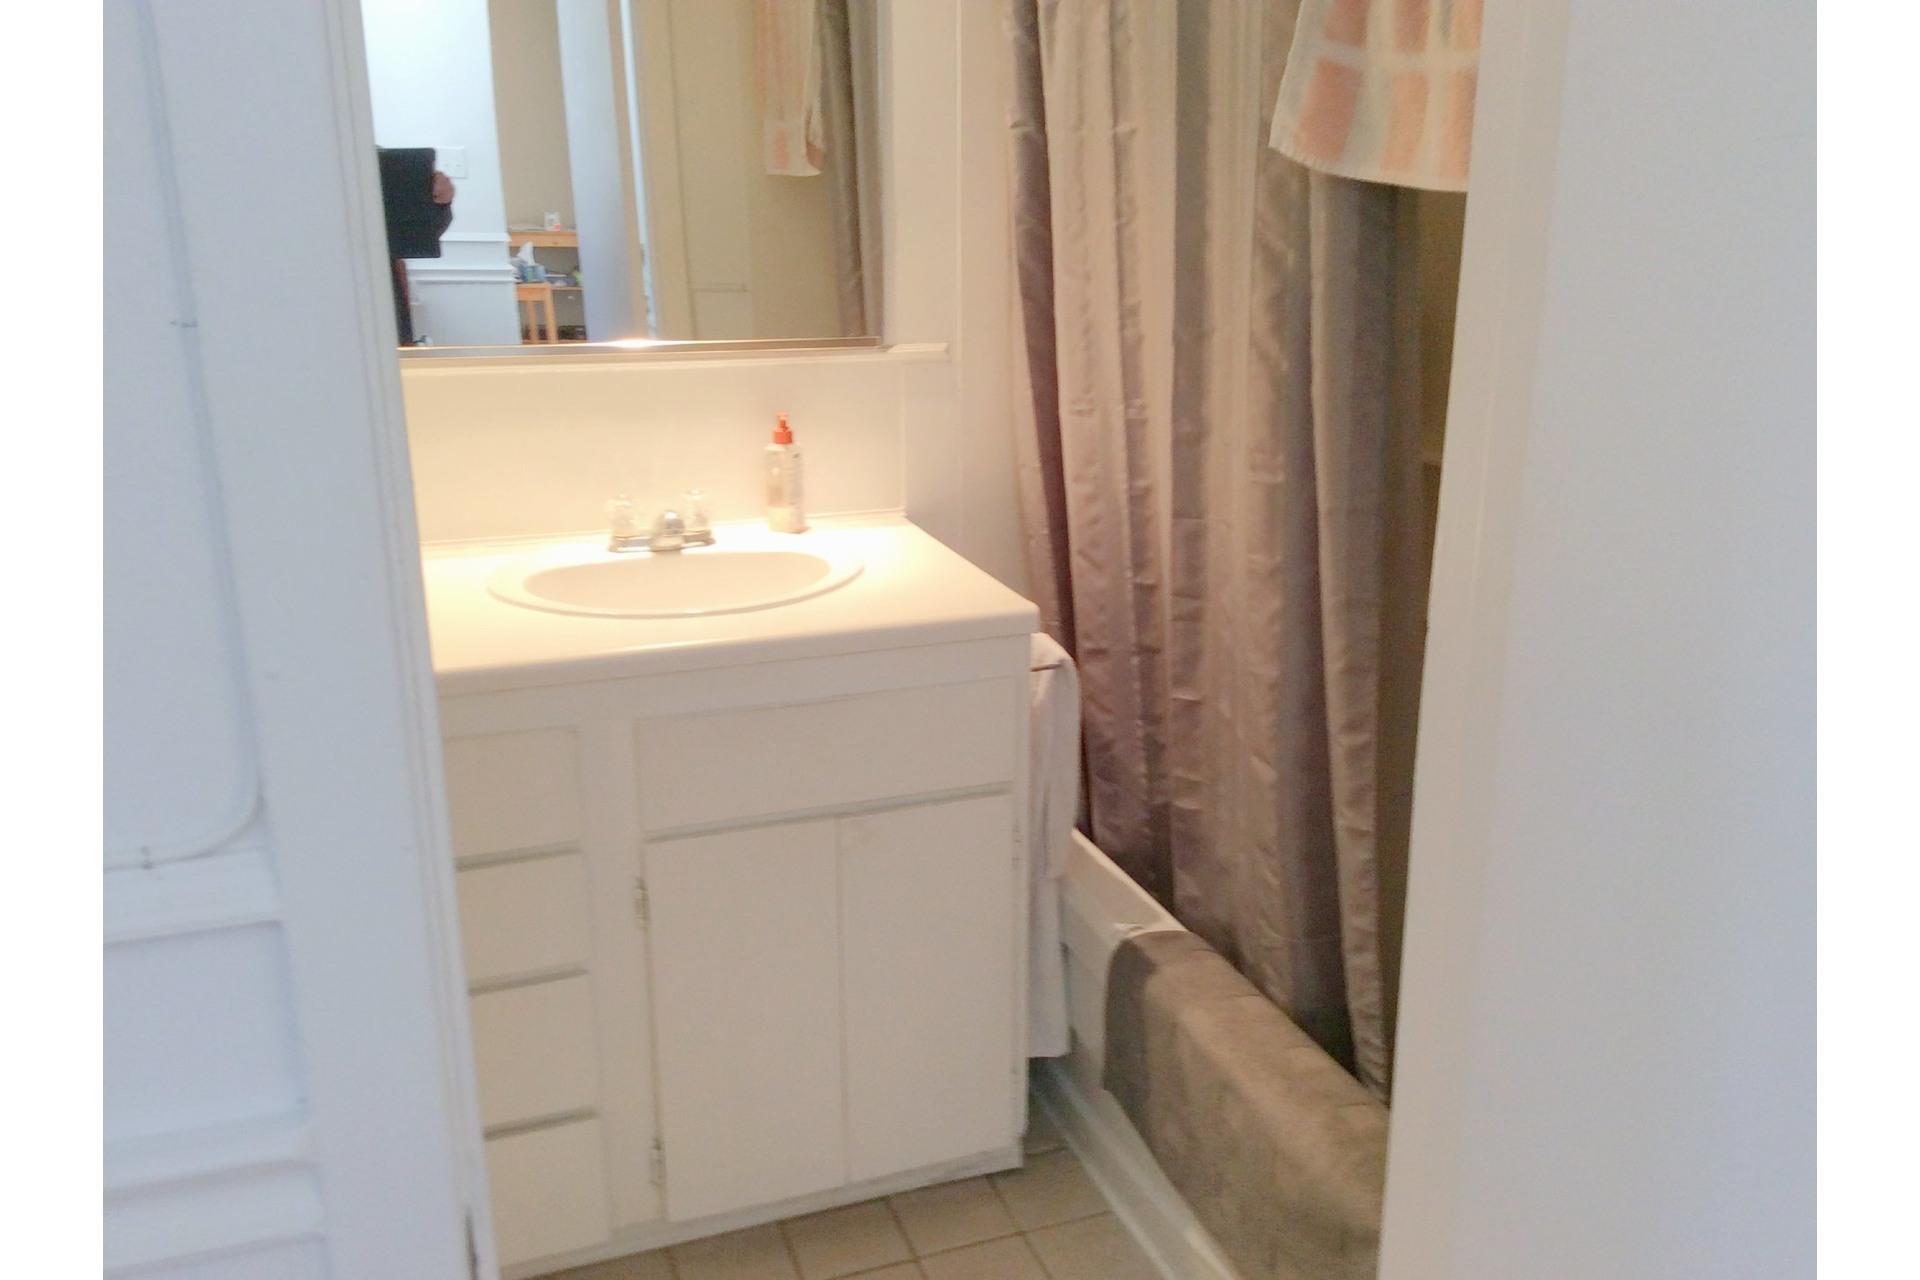 image 38 - Triplex For sale Mercier/Hochelaga-Maisonneuve Montréal  - 6 rooms